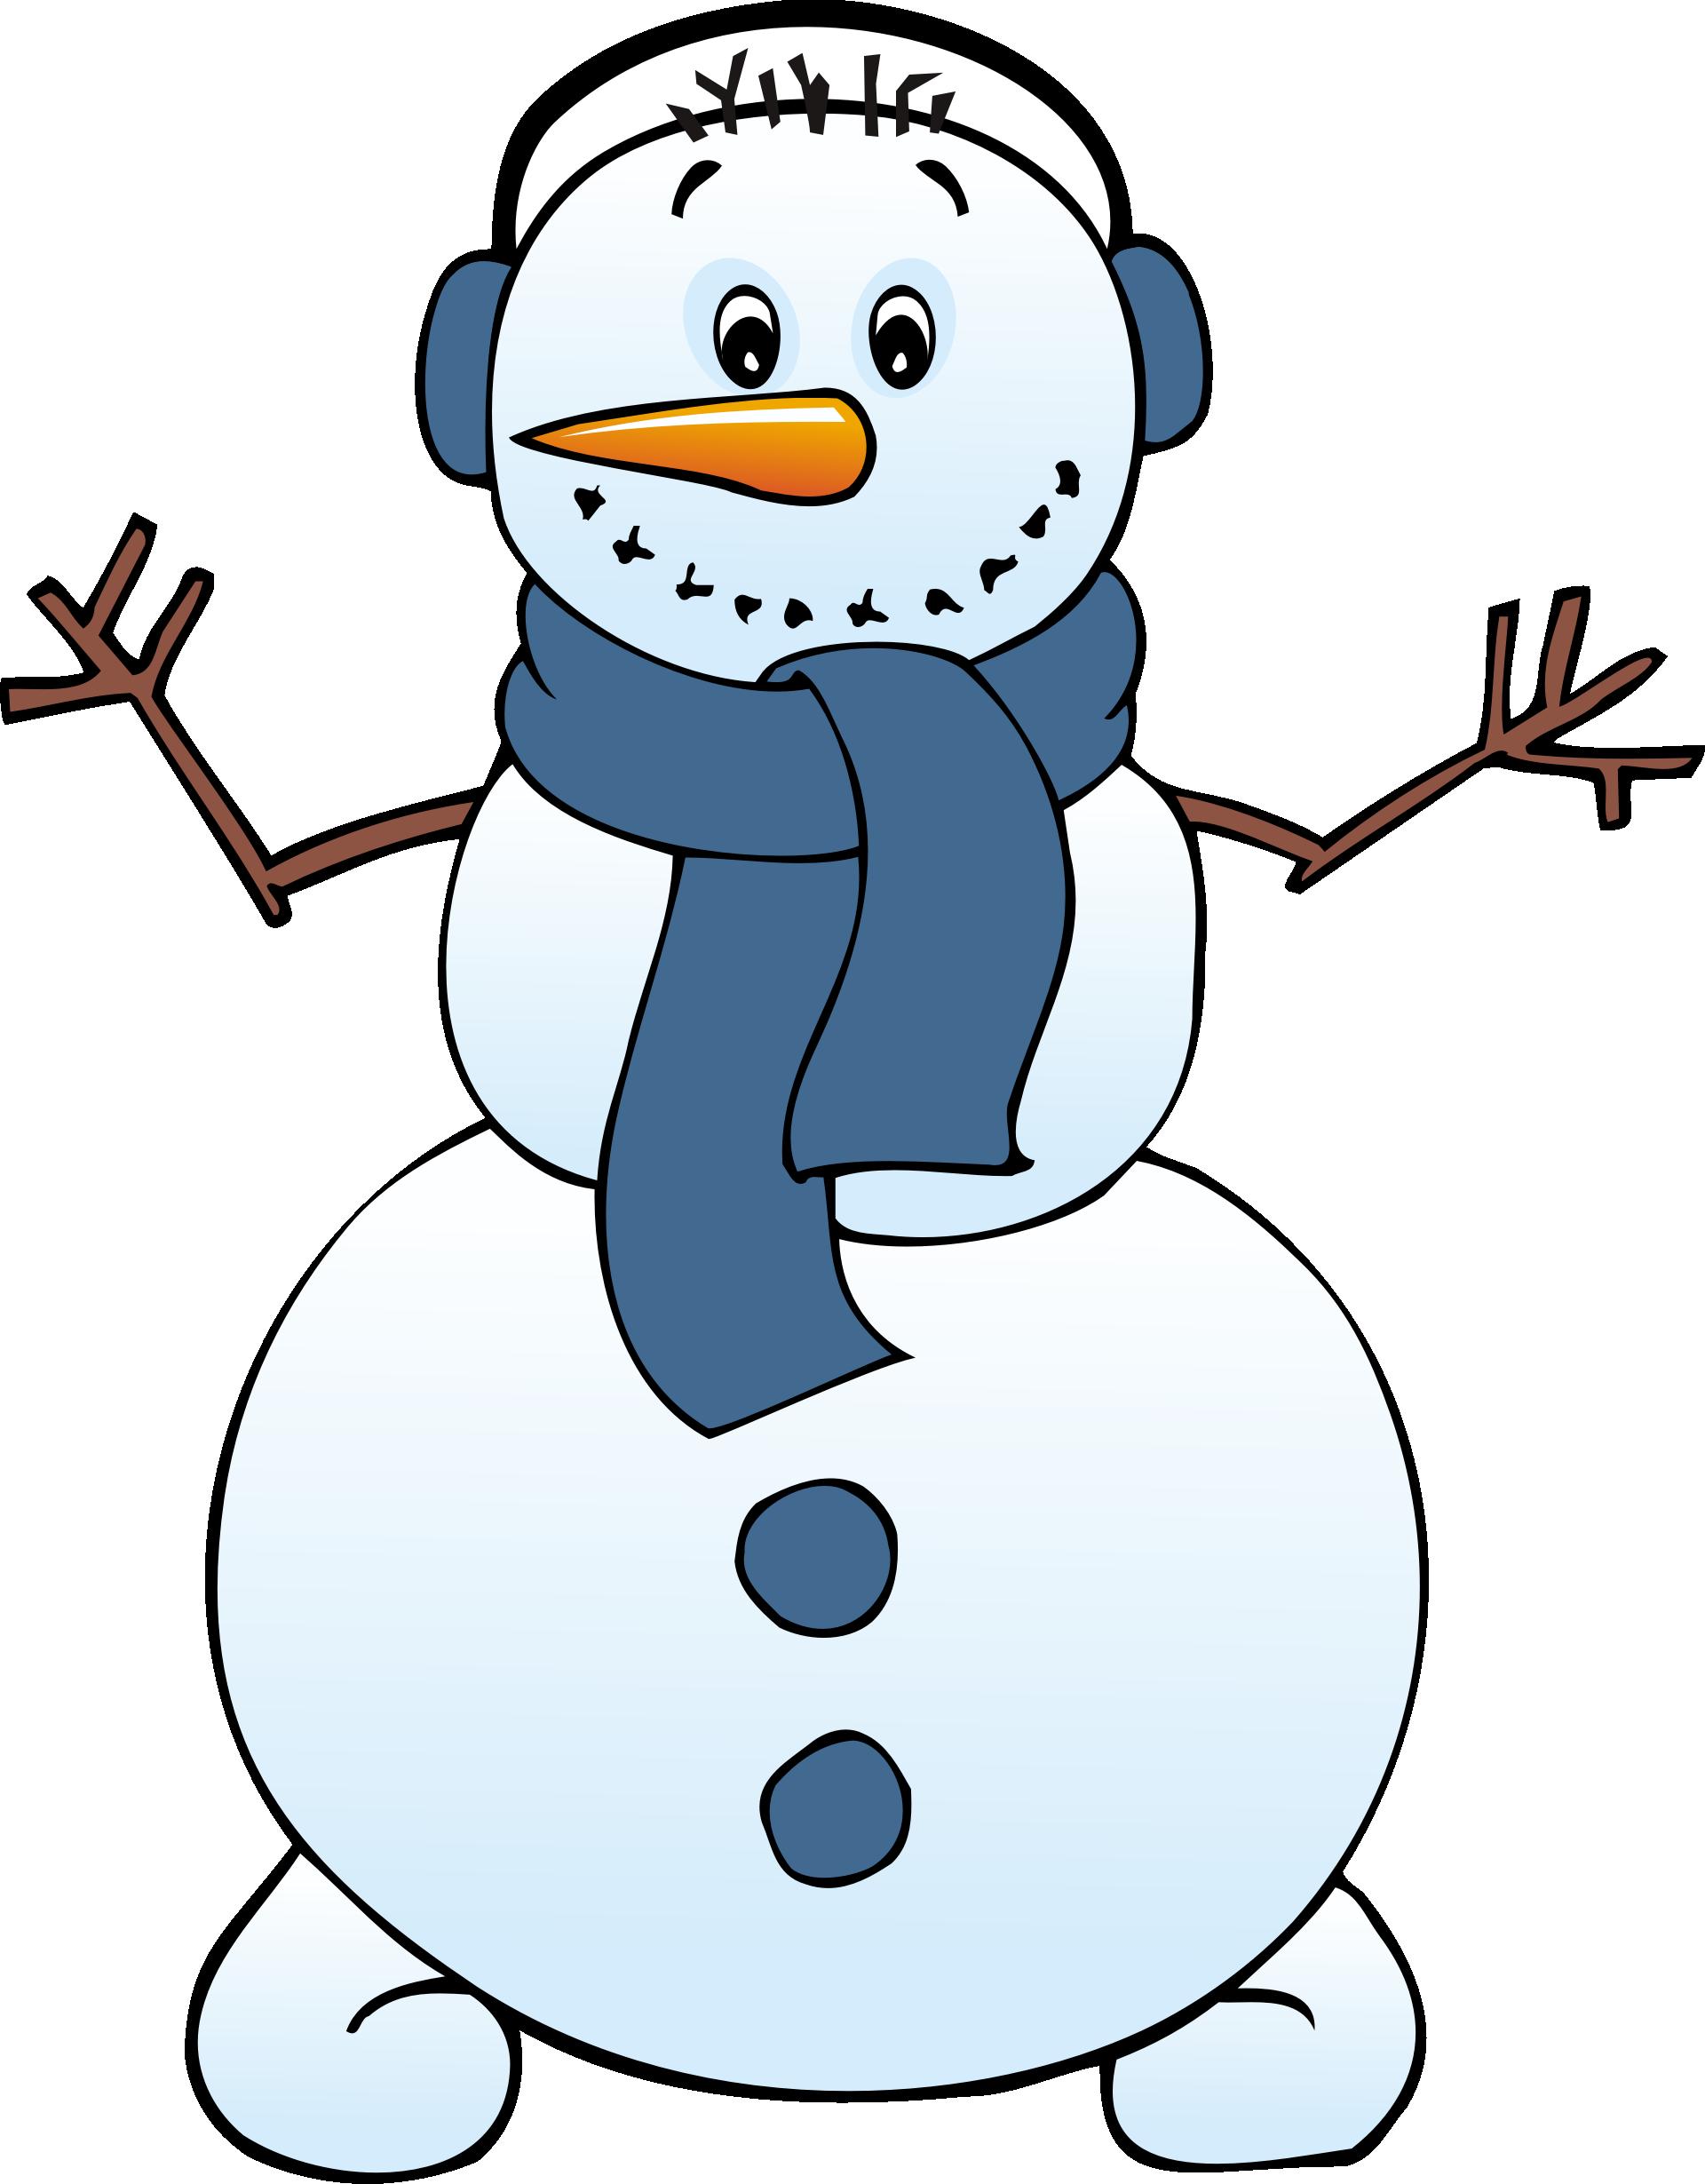 clipart snowman free - photo #6